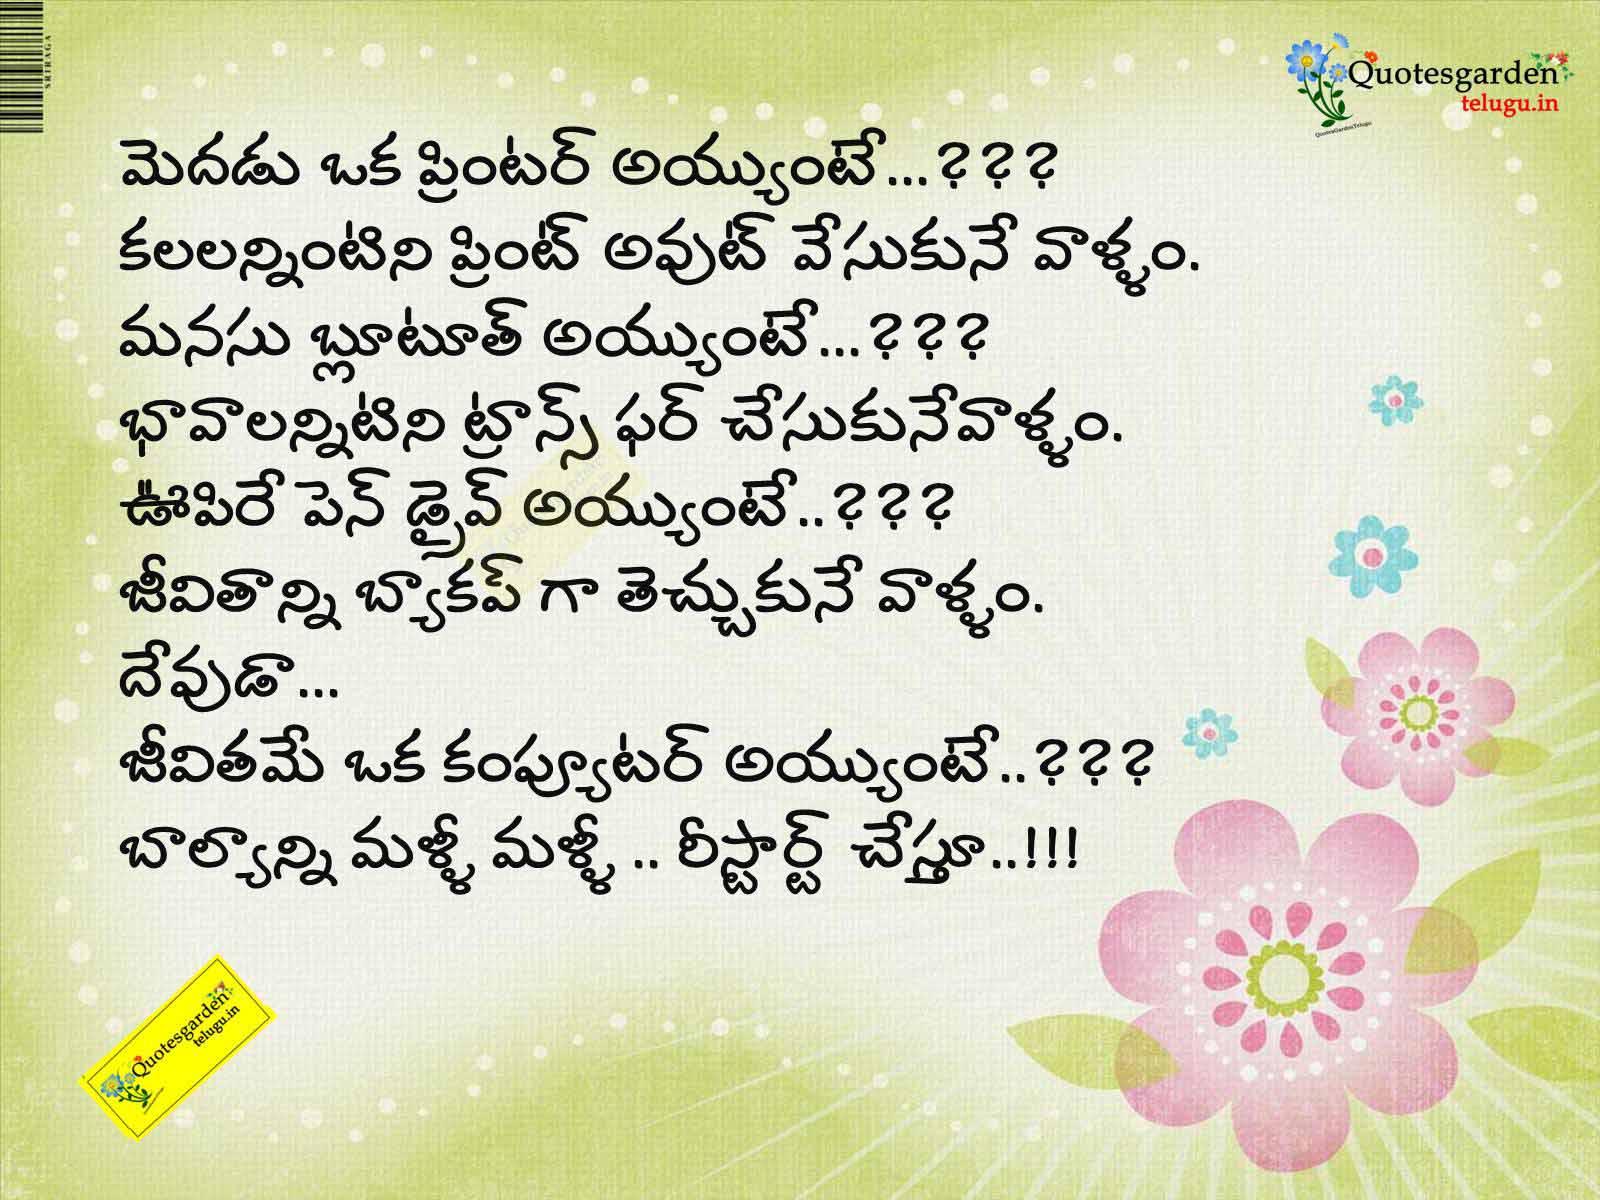 best telugu quotes inspirational life quotes in telugu